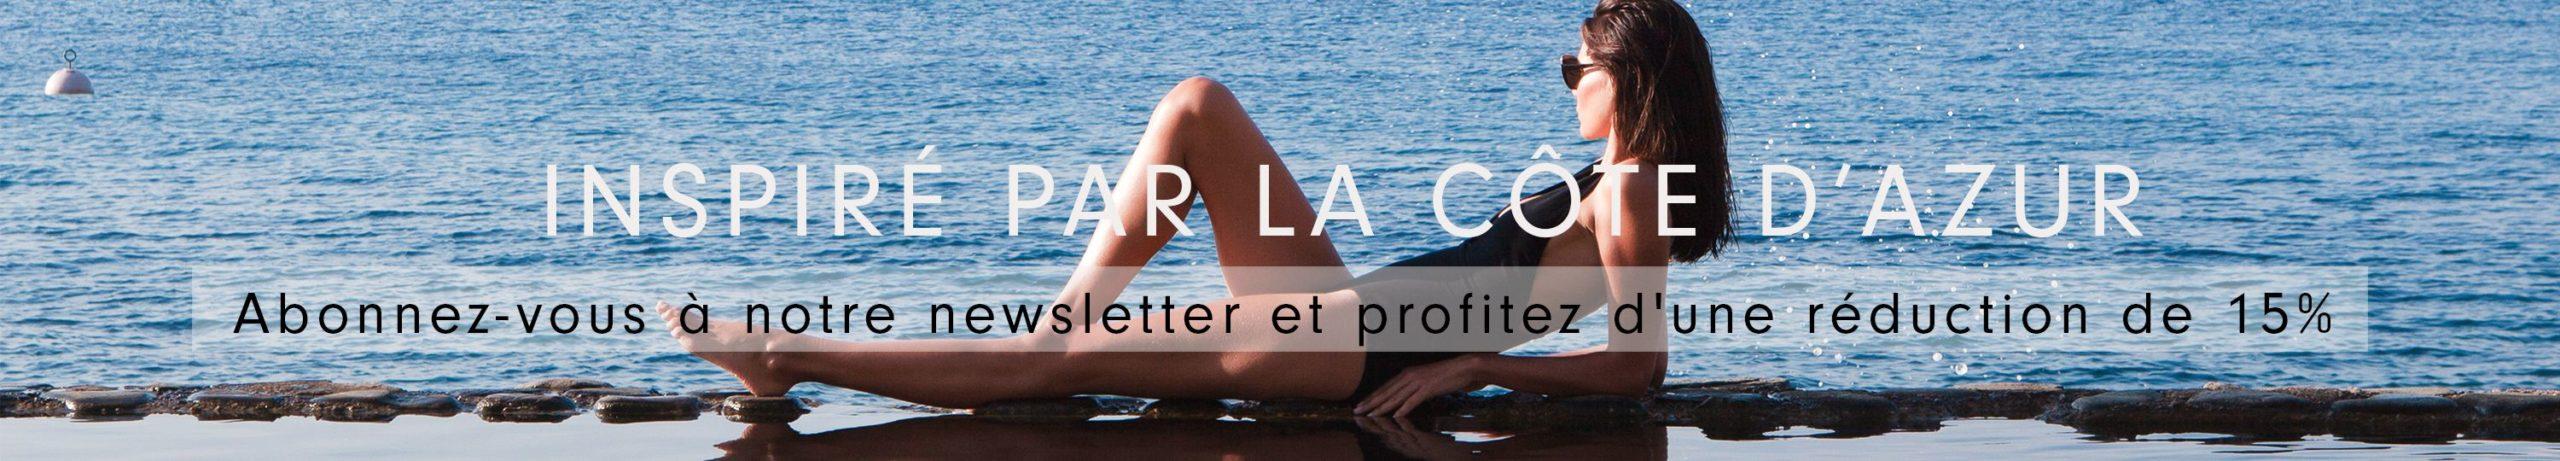 Veronique Gabai banner